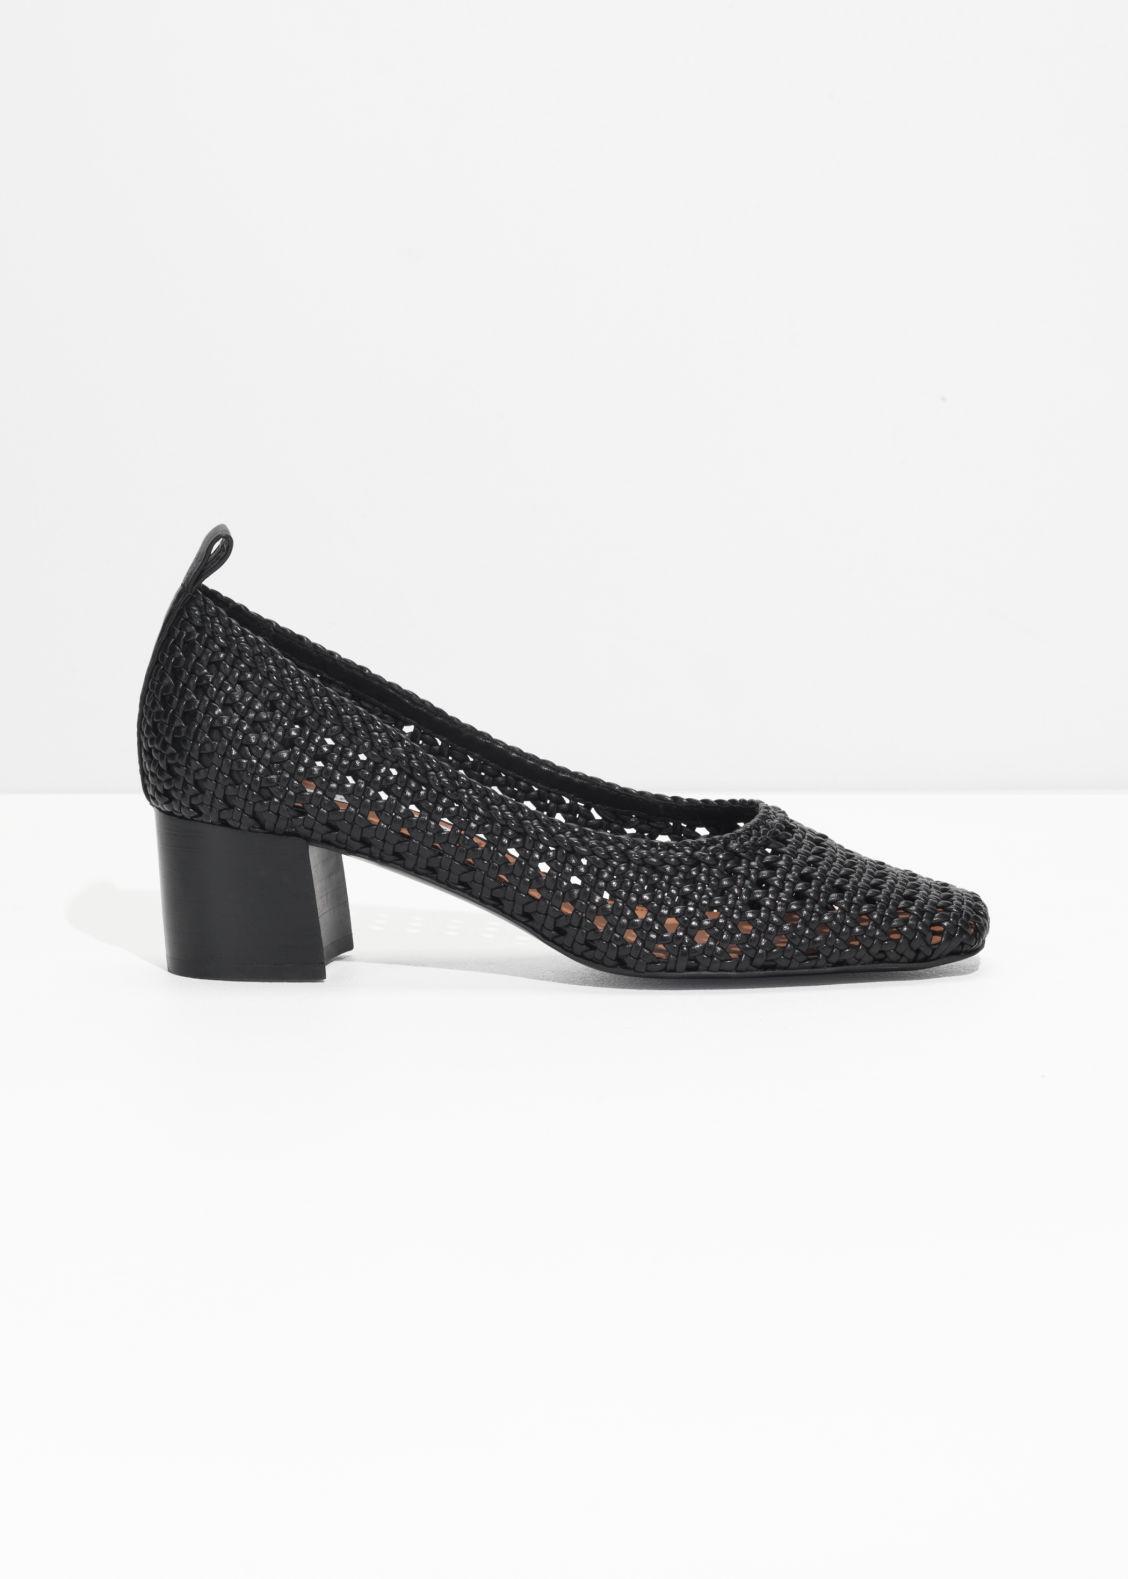 & OTHER STORIES Square Toe Heeled Sandals - Black Cómodo en línea Orden previa de liquidación Barato extremadamente c20RZBIyo